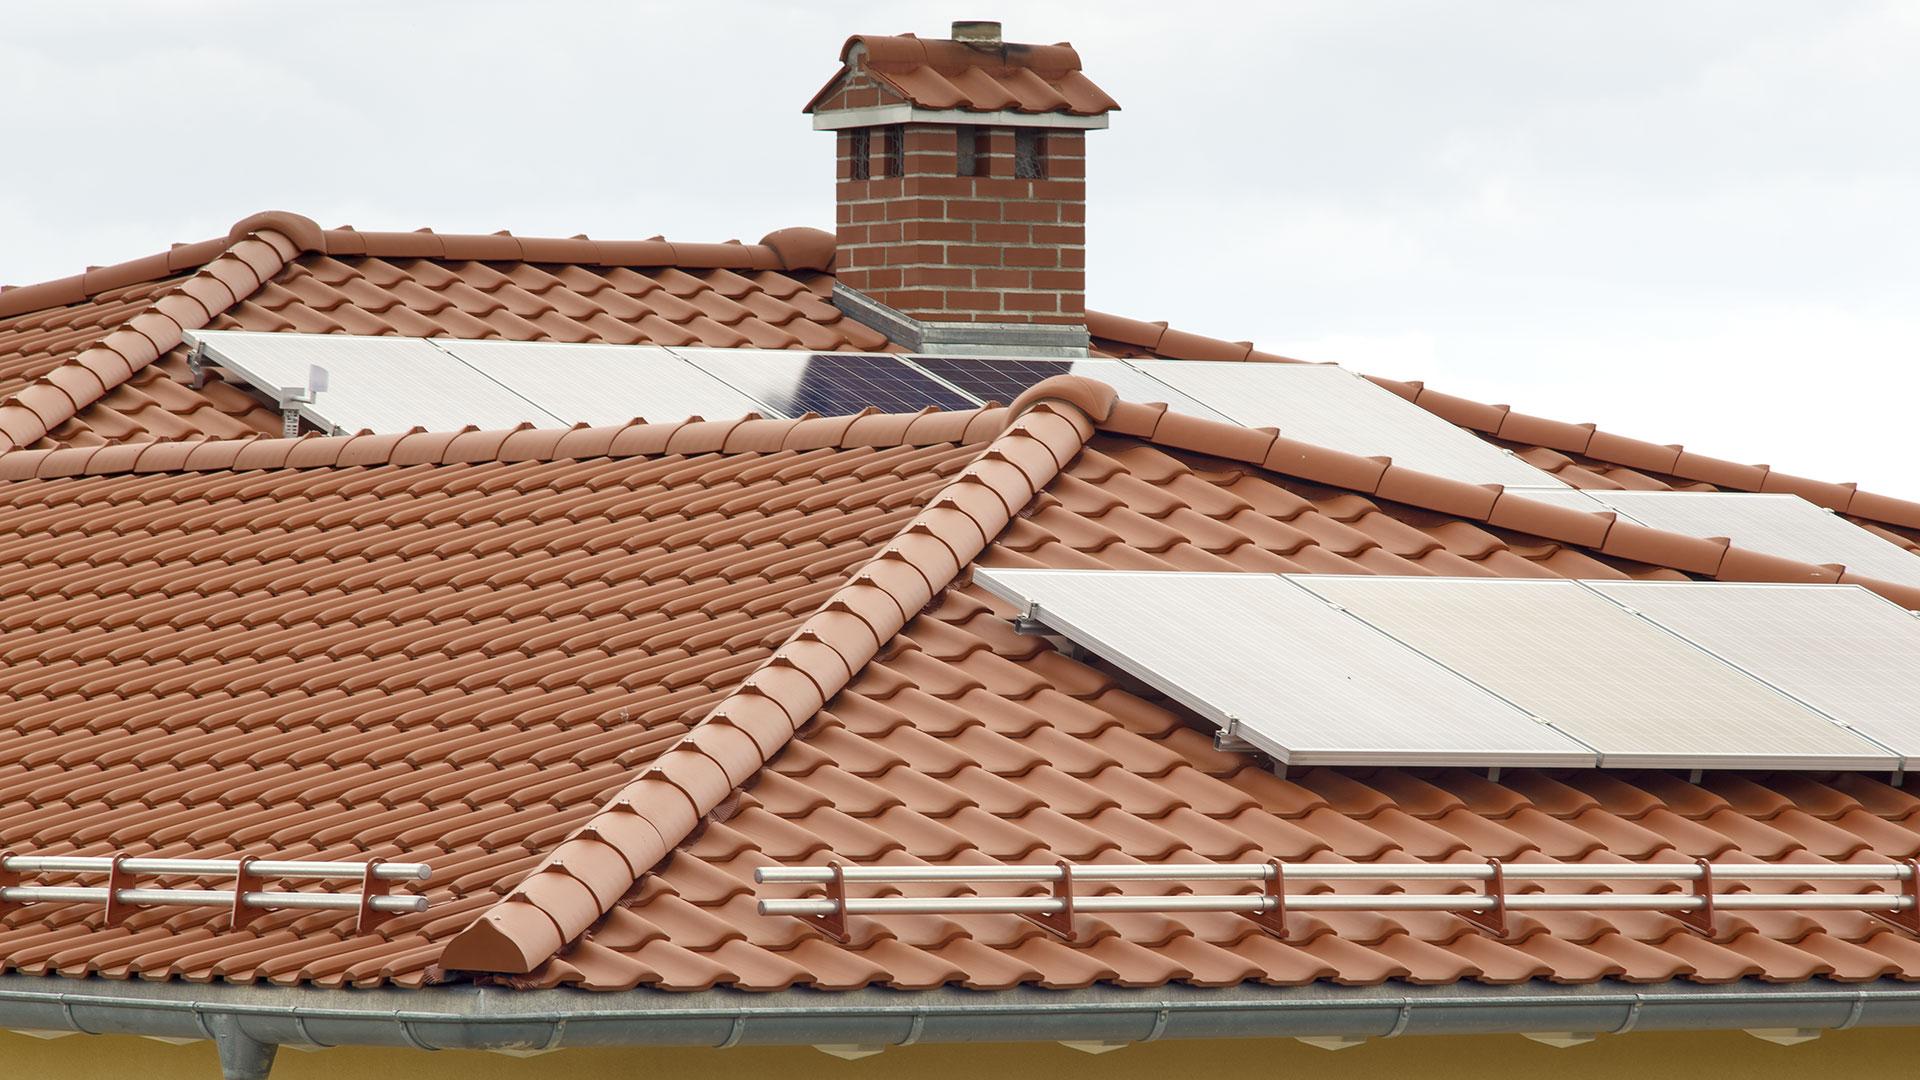 Architekturfotografie: Dach | Foto: Dieter Eikenberg, imprints